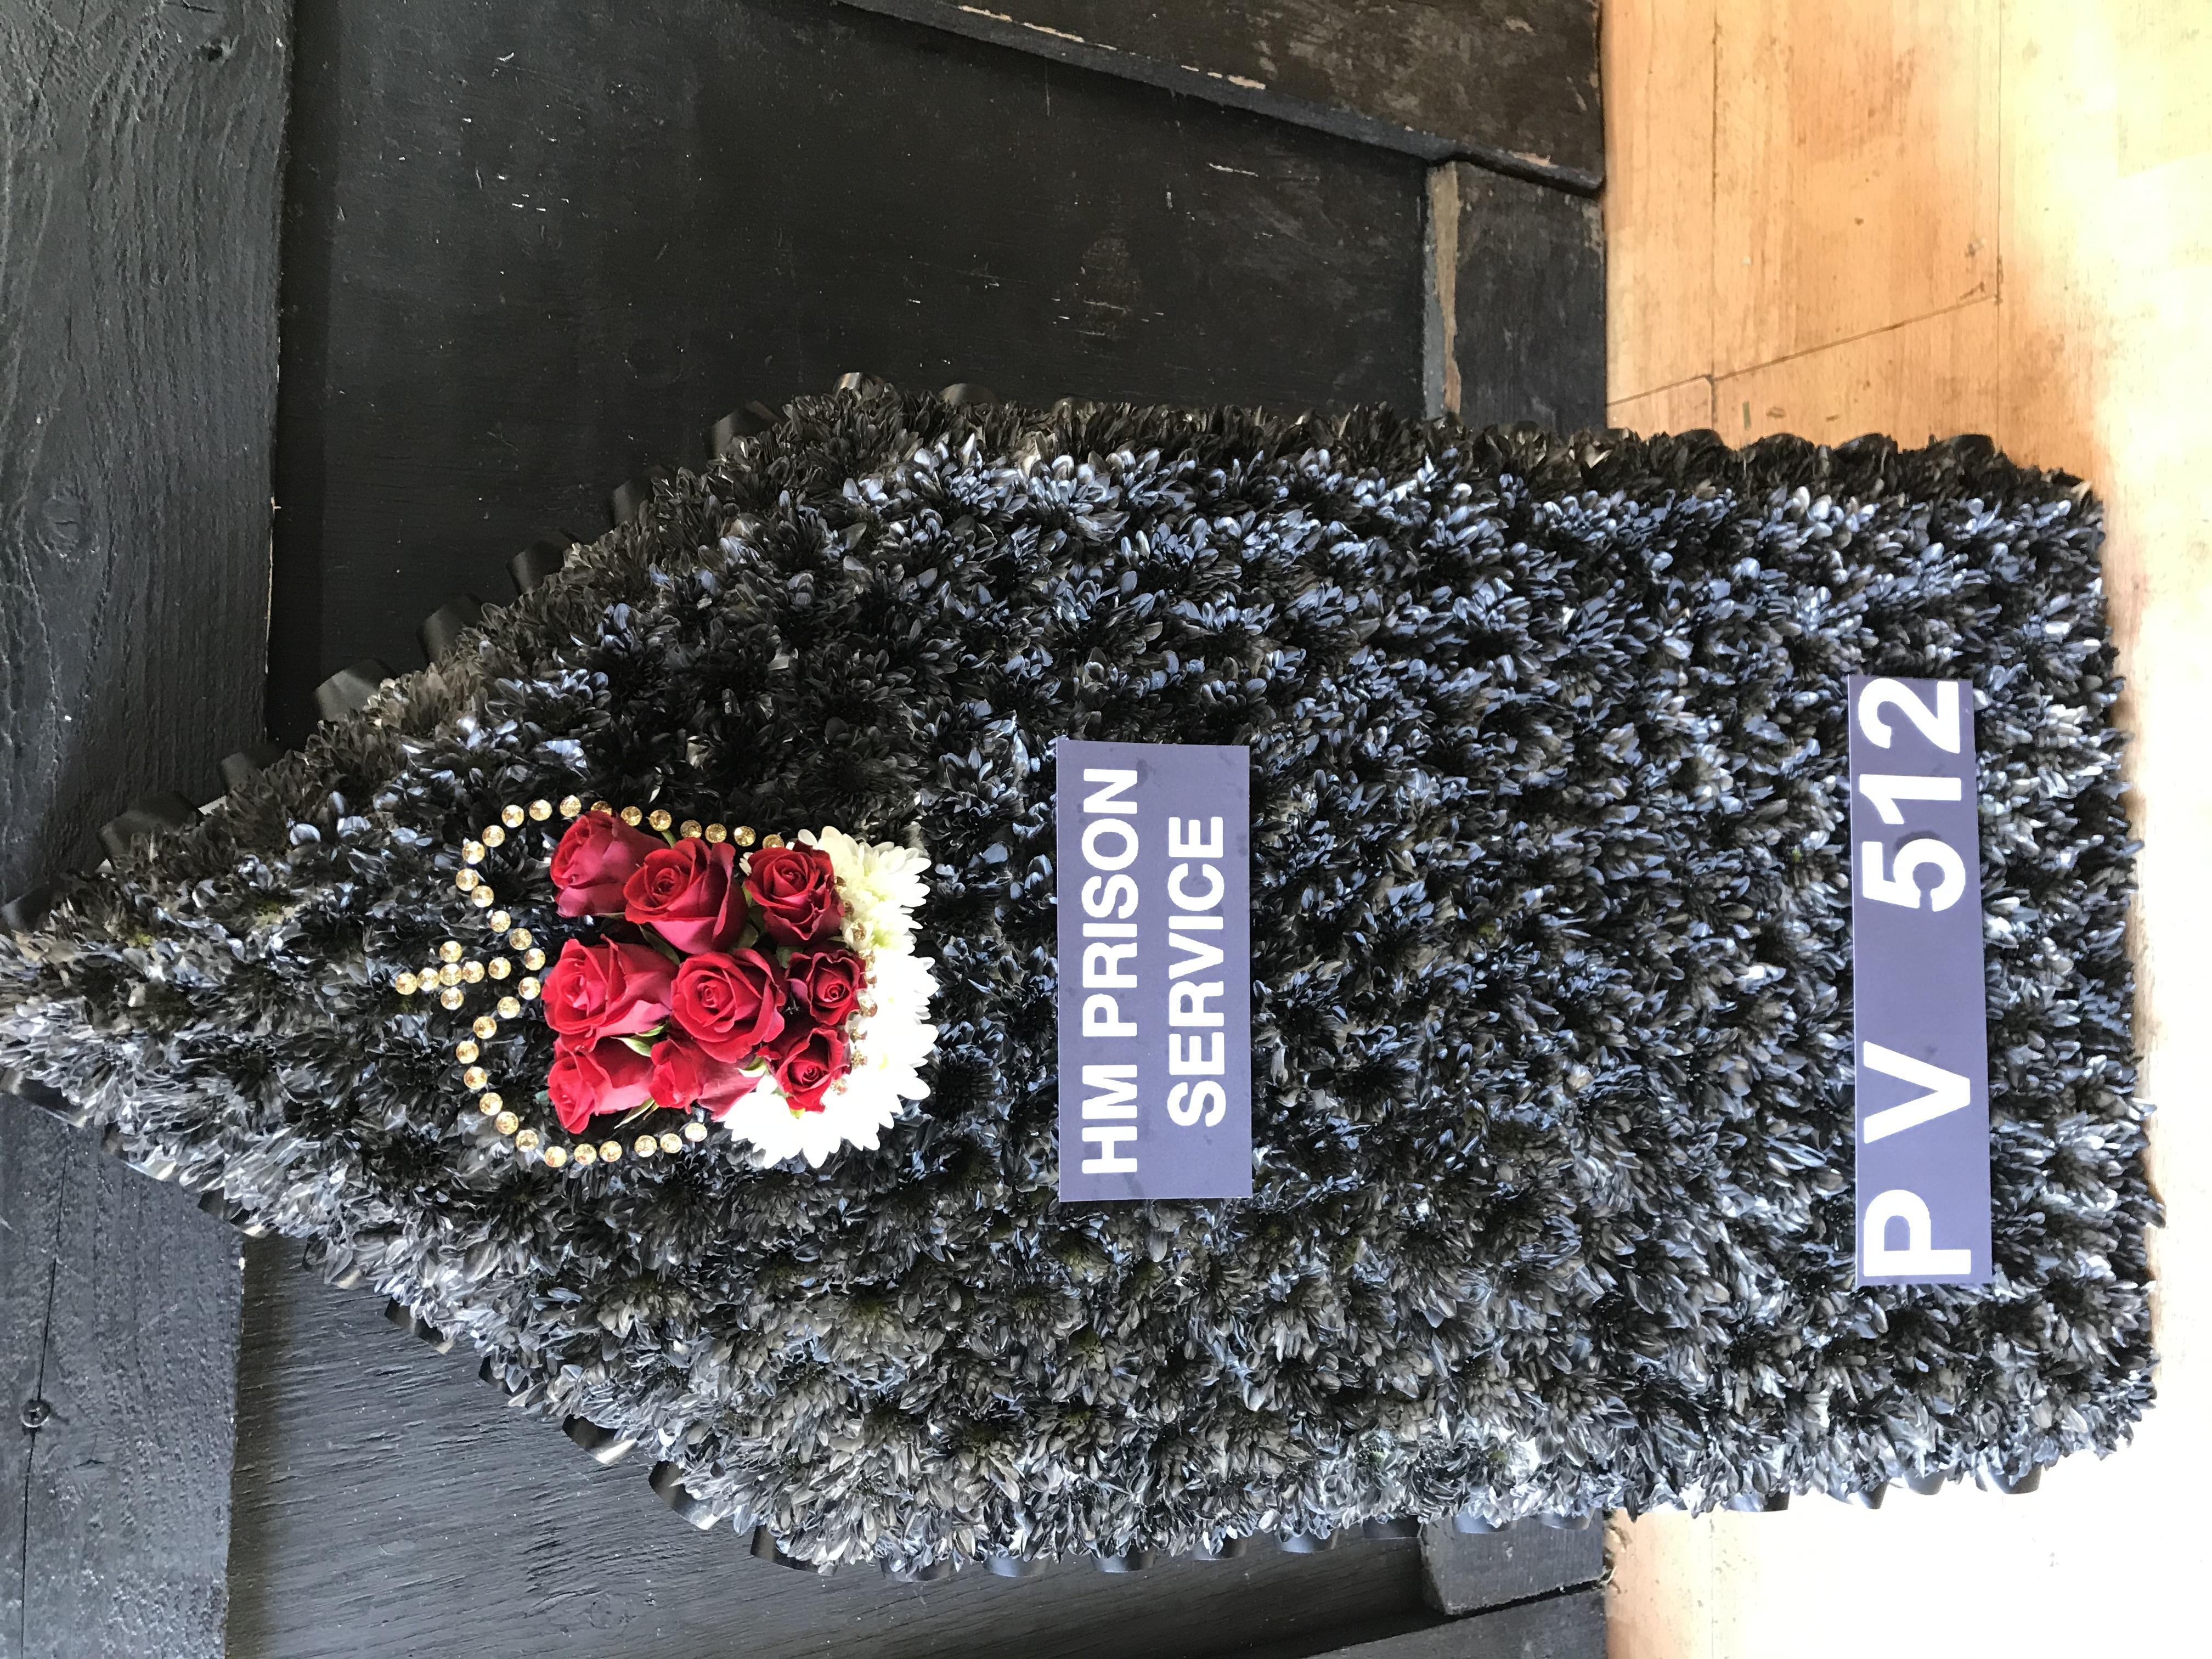 Epaulet made from flowers